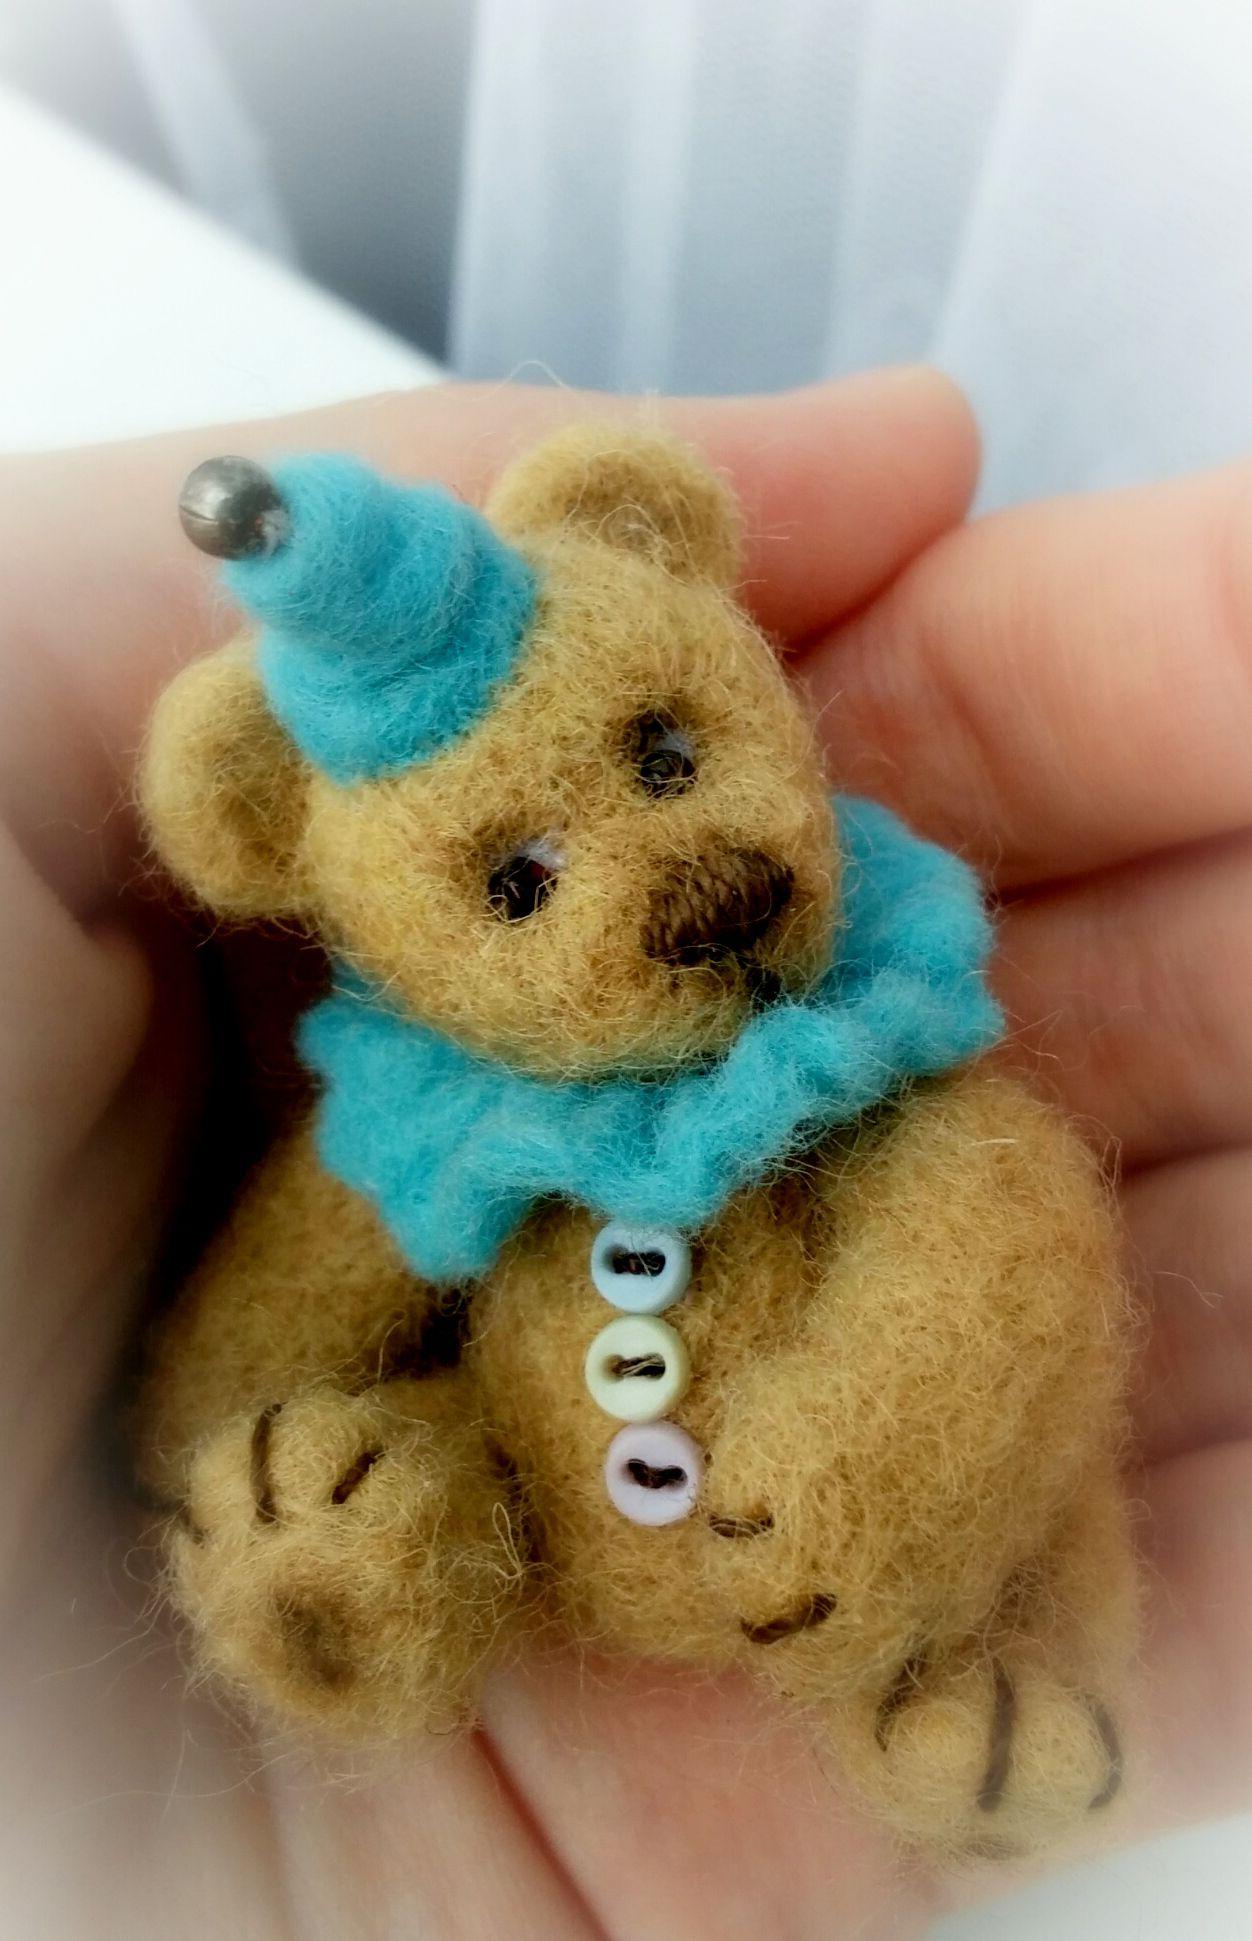 авторскаяработа ручнаяработа подарок кукла оригинальныйподарок сухоеваляние шерсть стеклярус эксклюзив мишки тедди куклыюлииволынской теддидол роскошь куклы кукланазаказ